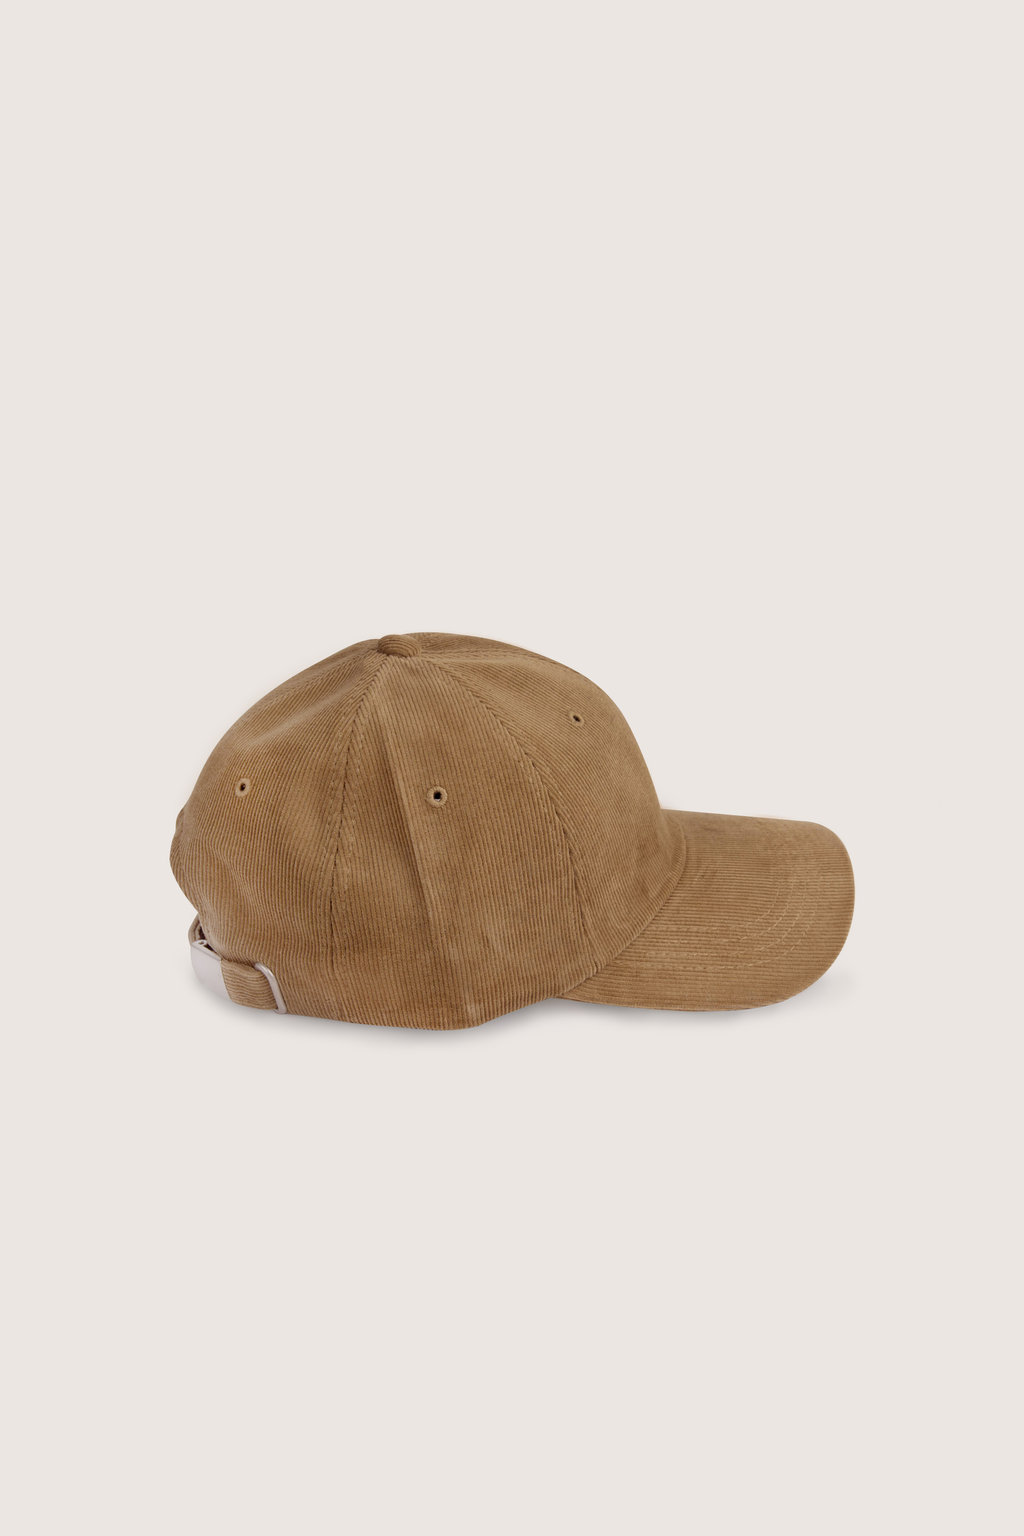 Hat H023 Beige 1